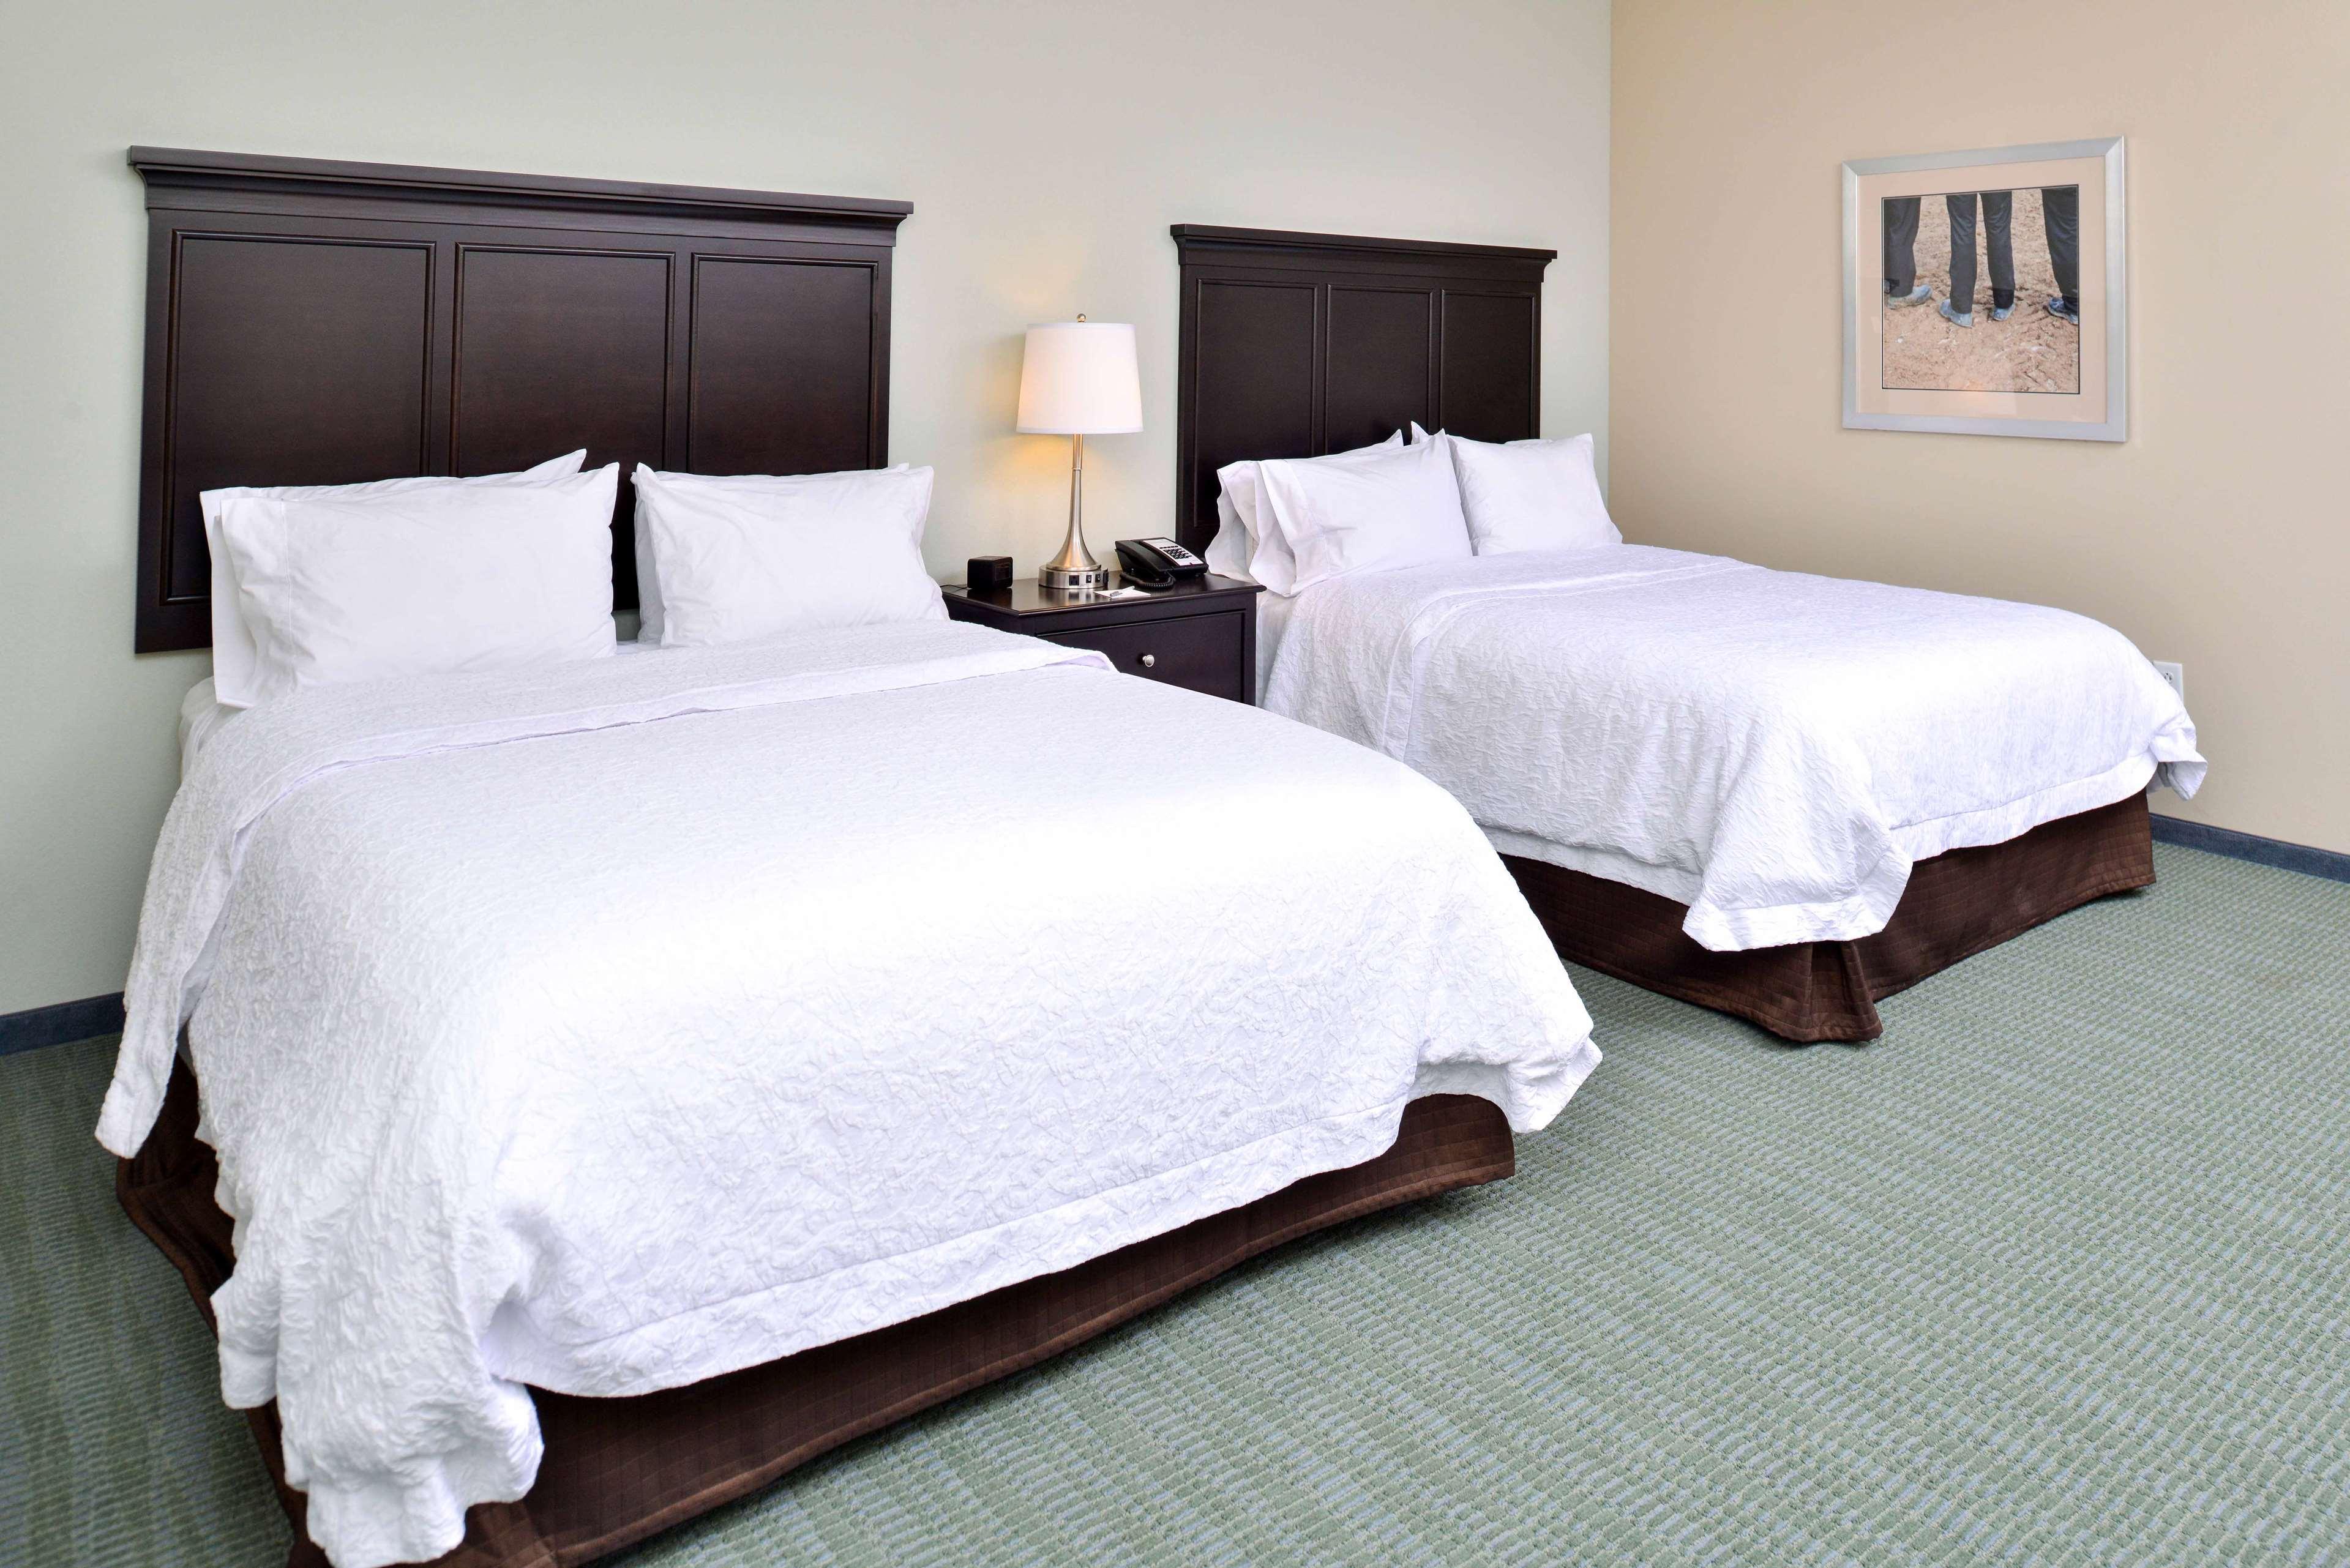 Hampton Inn & Suites Mount Joy/Lancaster West image 22